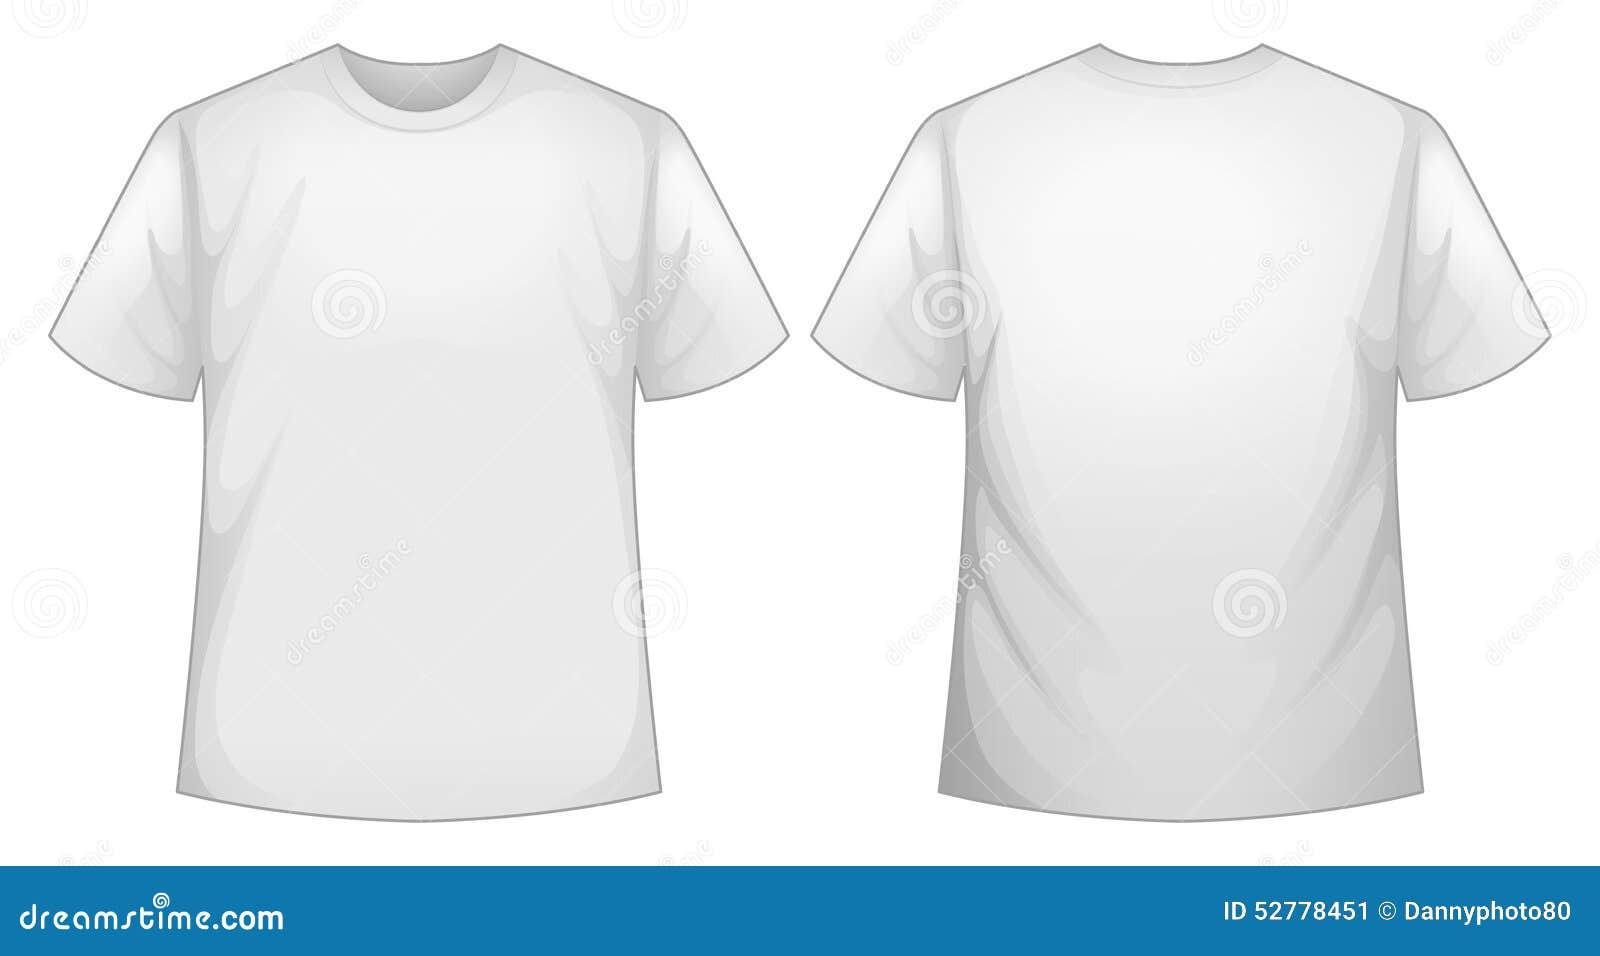 Camisa blanca ilustración del vector. Imagen de unisex ...